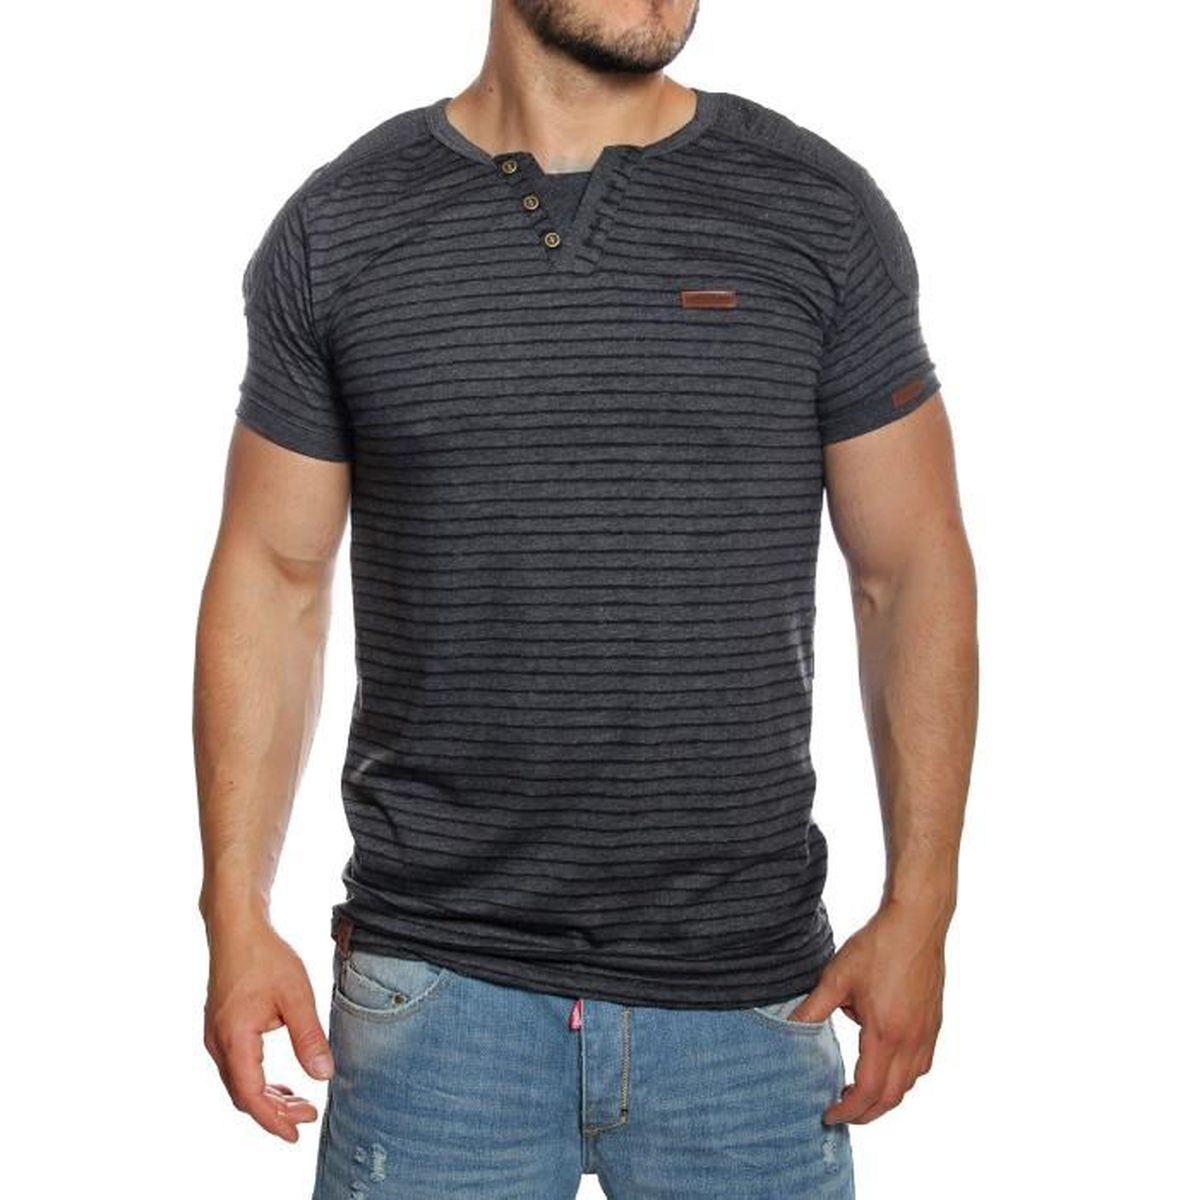 1b80ce9ce0498 MH Studio - T-shirt homme marinière noir manches courtes Noir Noir ...